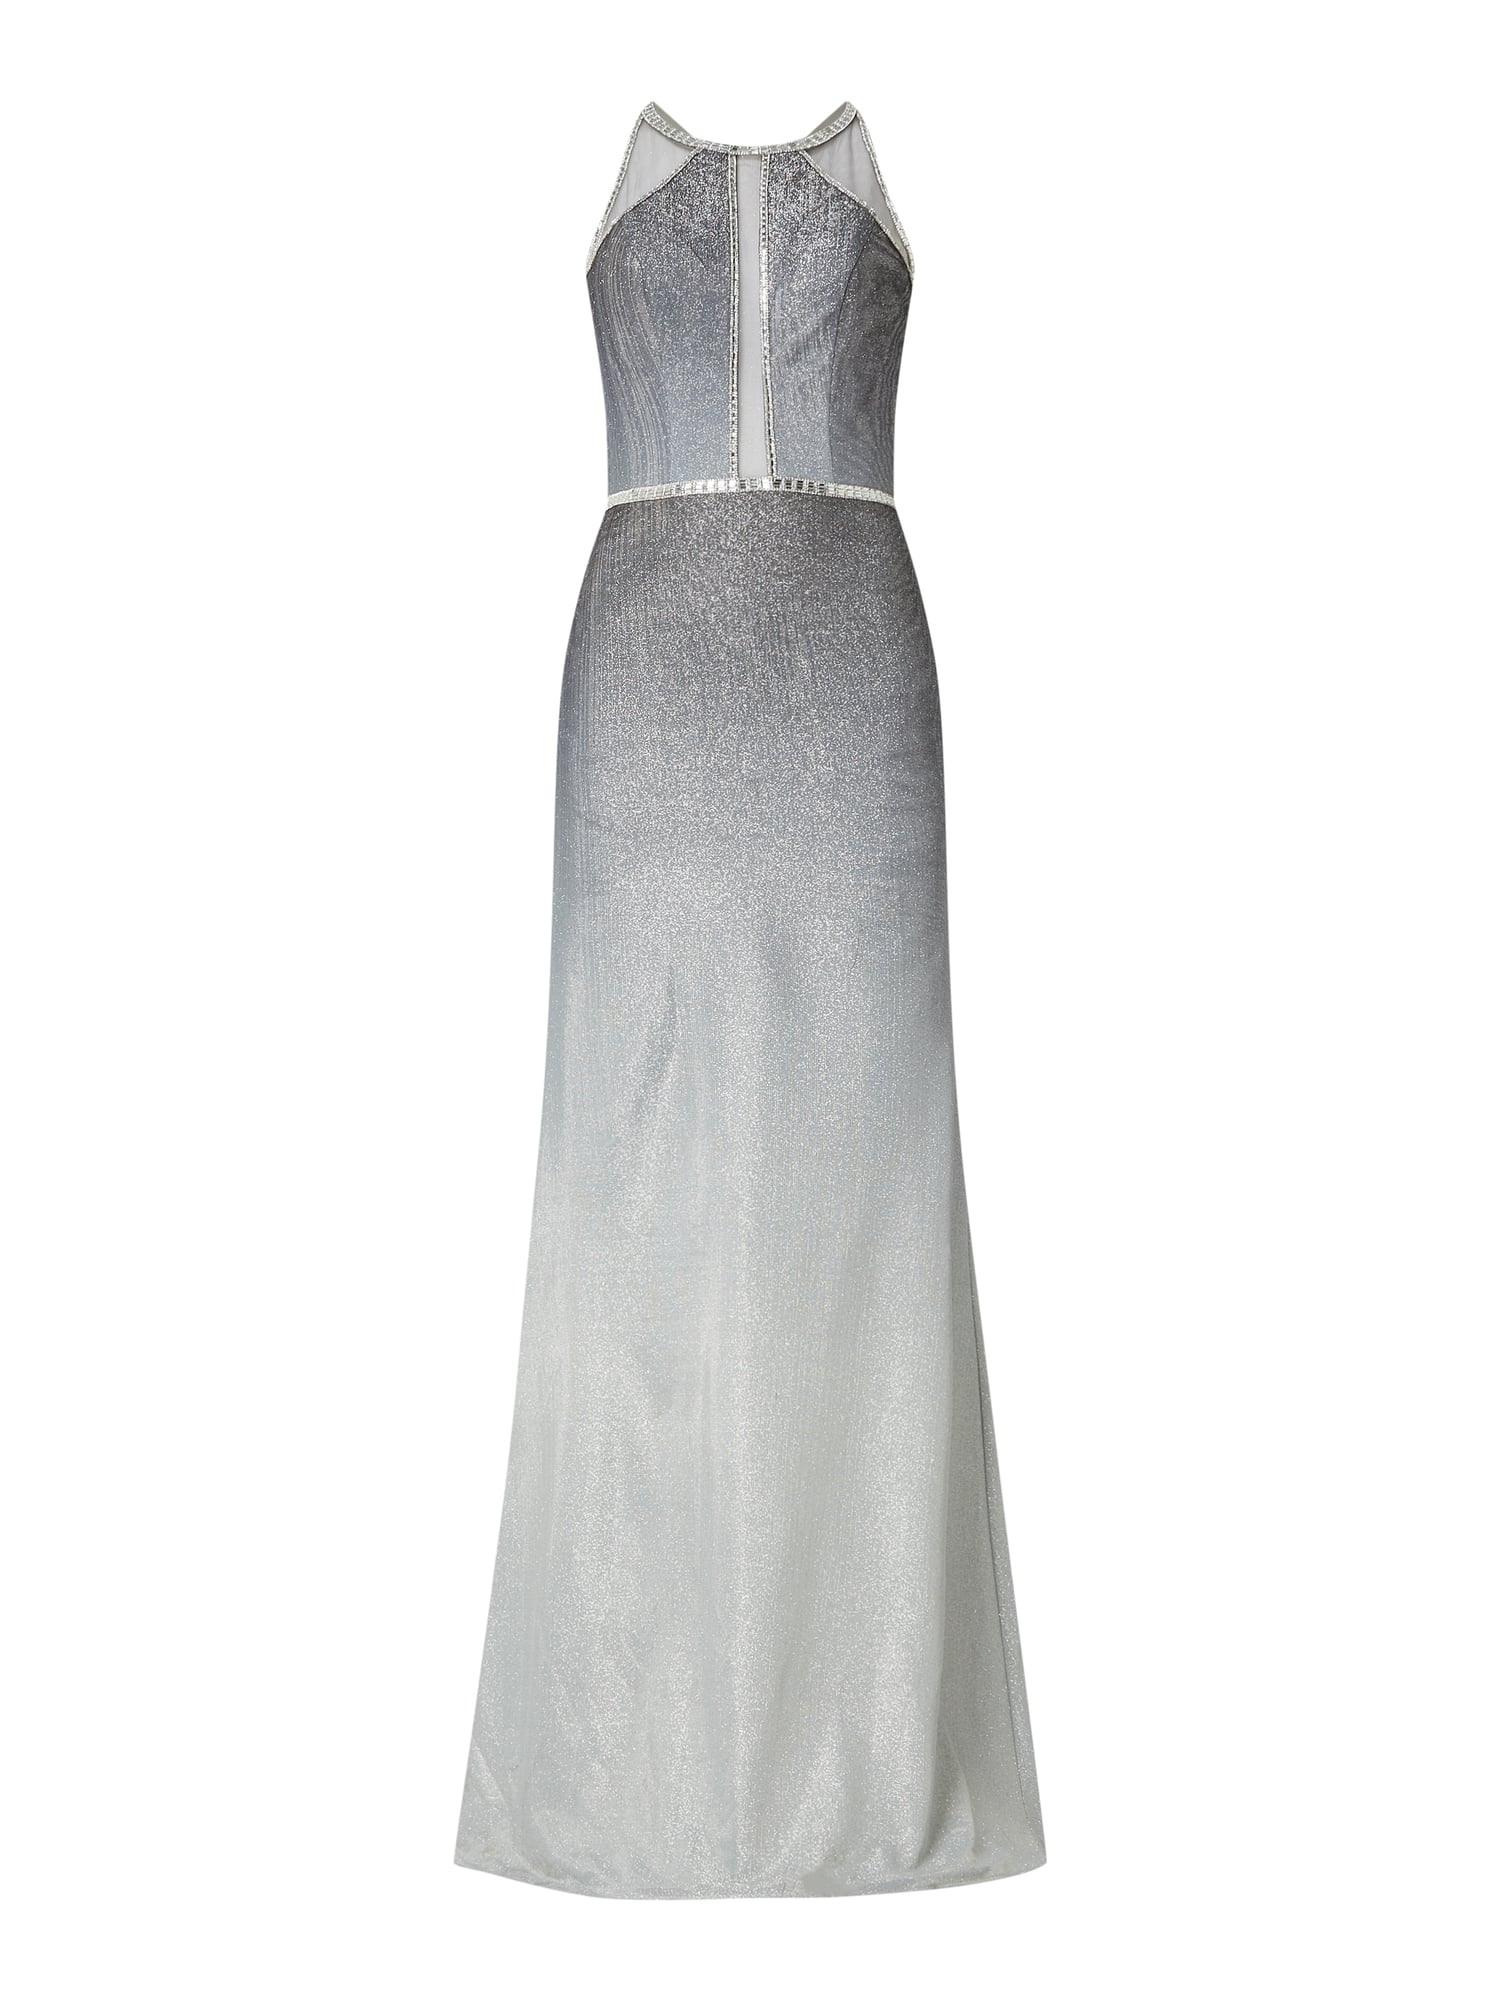 10 Genial Abendkleid Silber Bester Preis13 Kreativ Abendkleid Silber Vertrieb